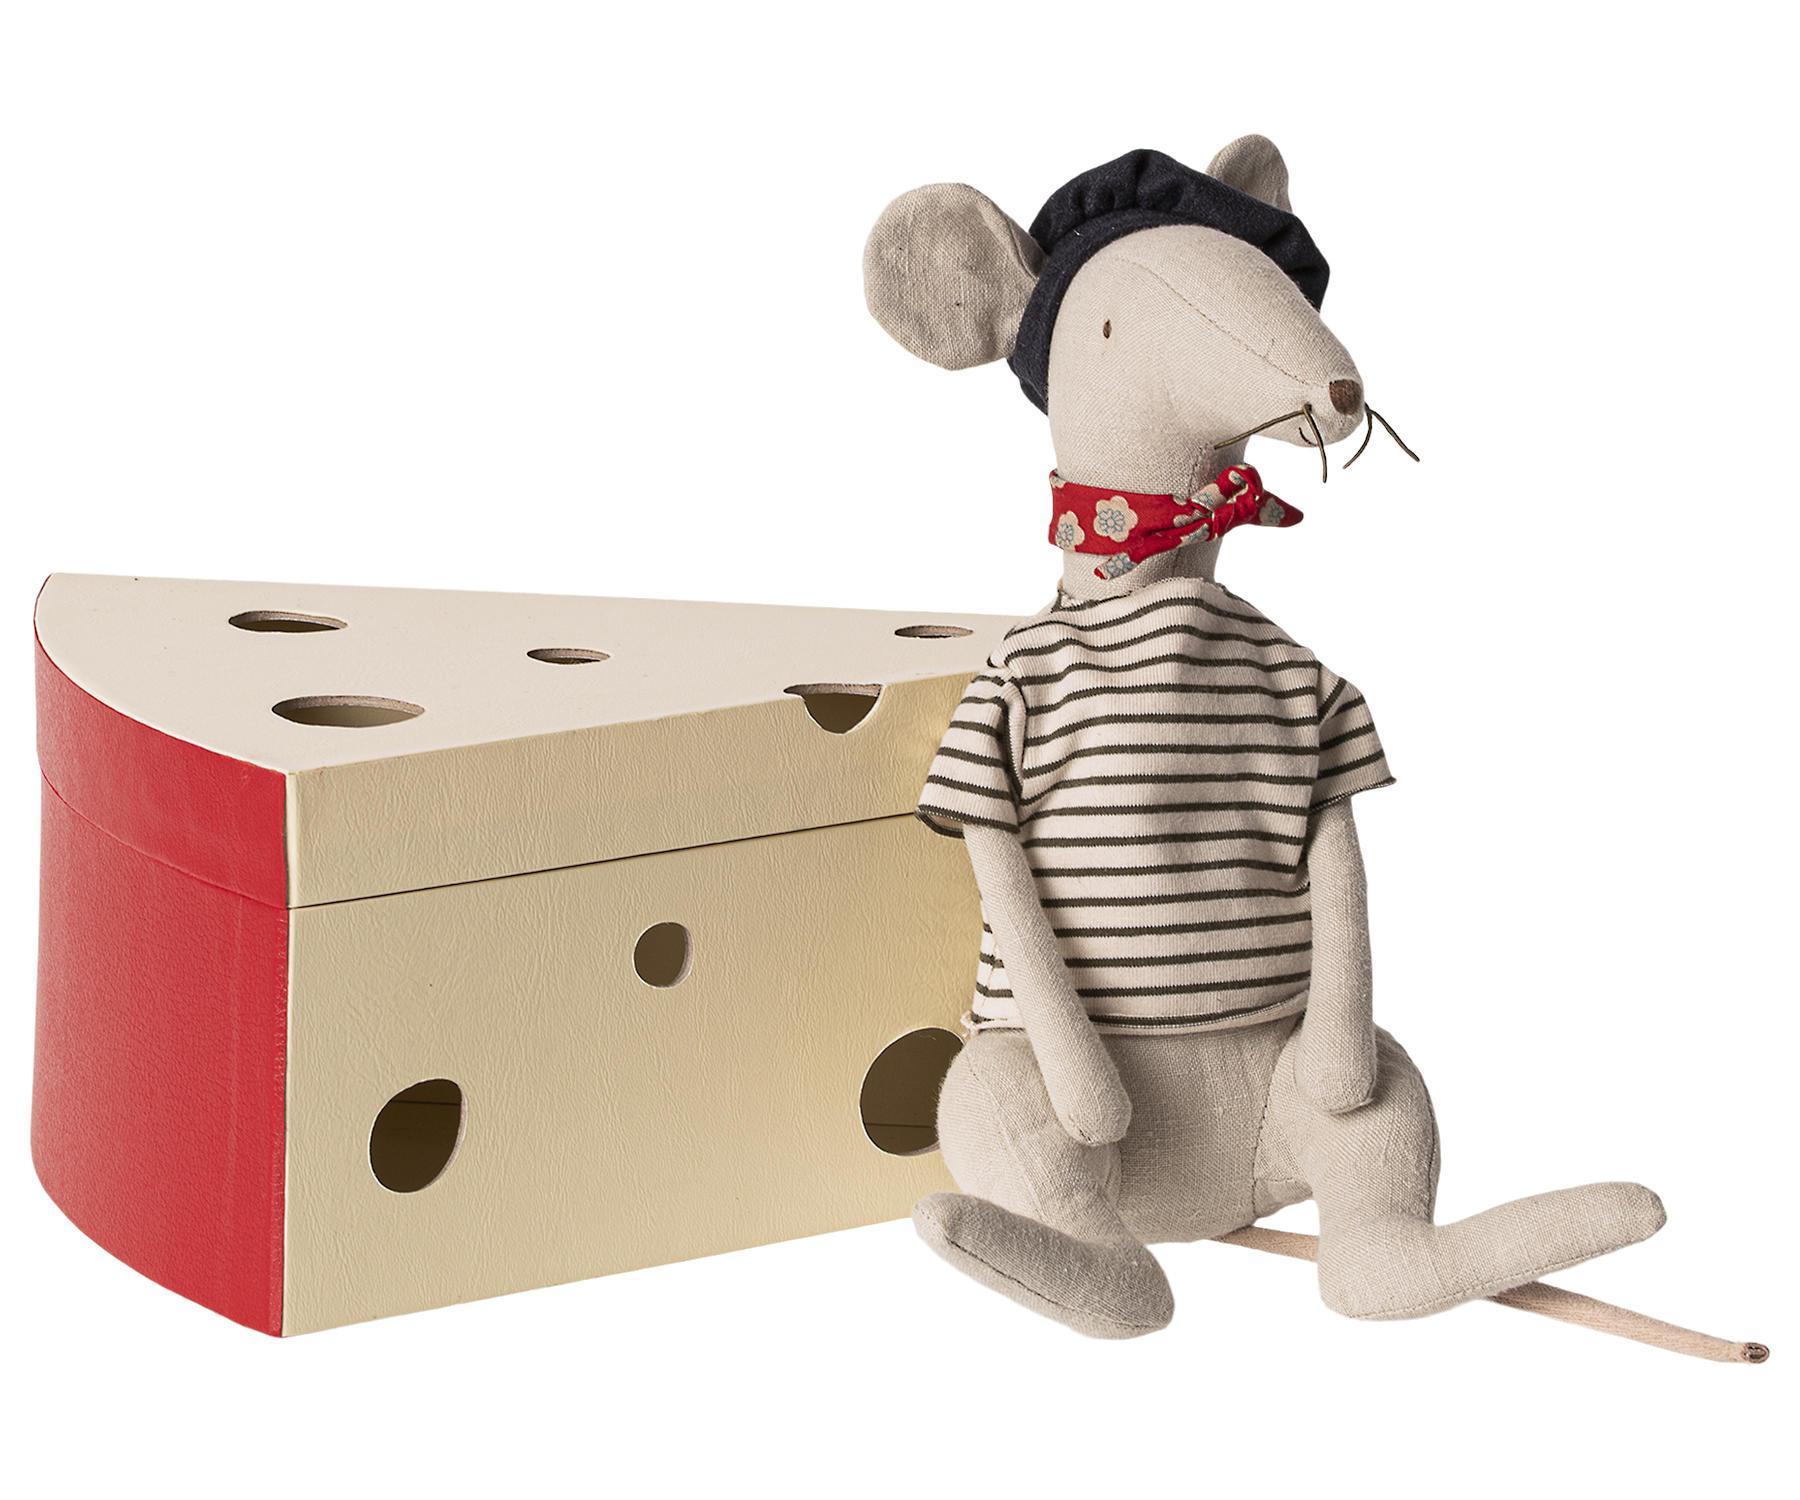 Maileg Lněná hračka v krabičce od sýru Rat Light Grey, šedá barva, krémová barva, papír, textil